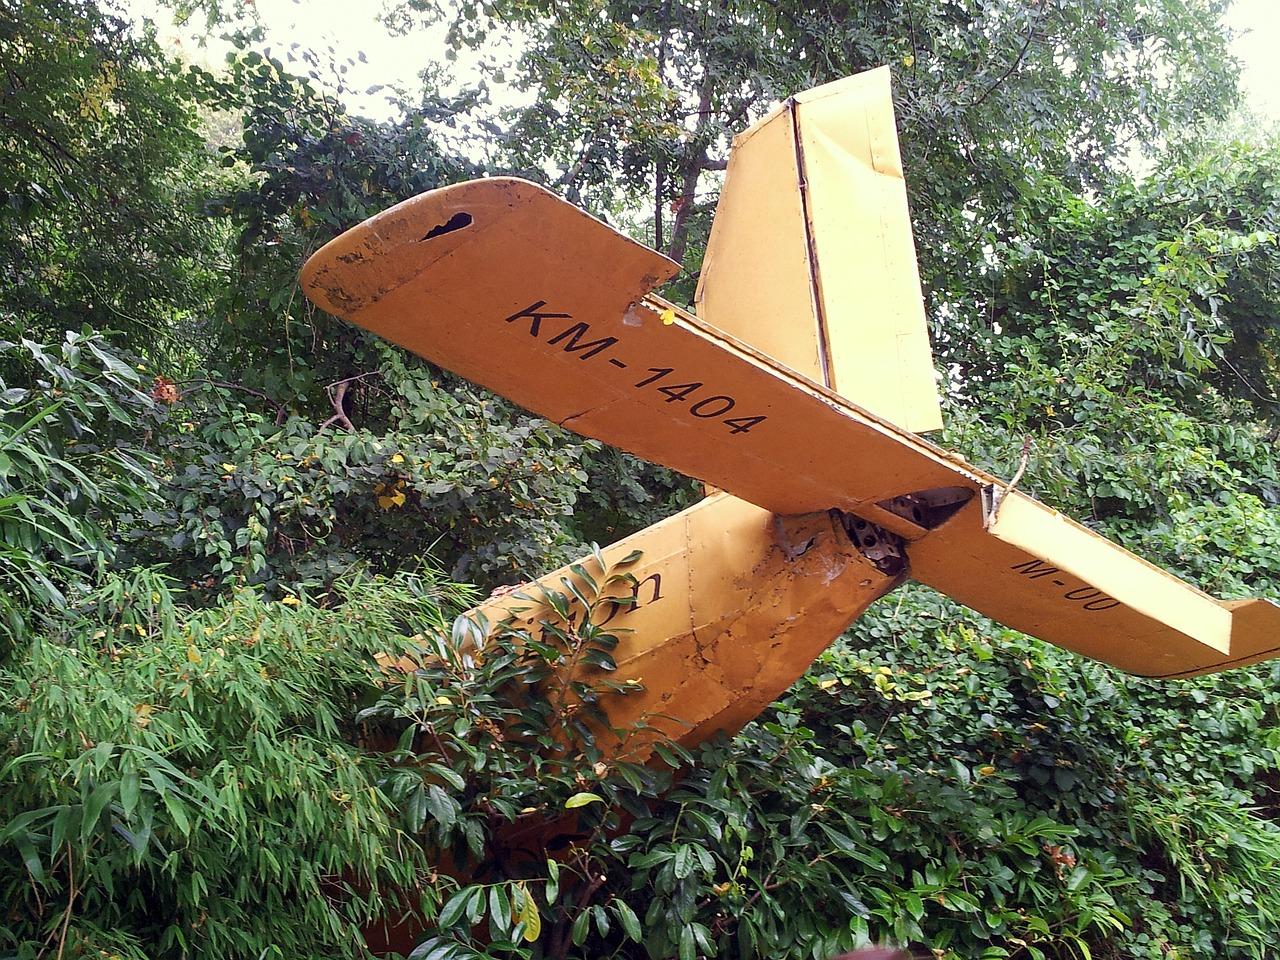 ドローン墜落事故の原因と対策。後で後悔しないための予防方法は?